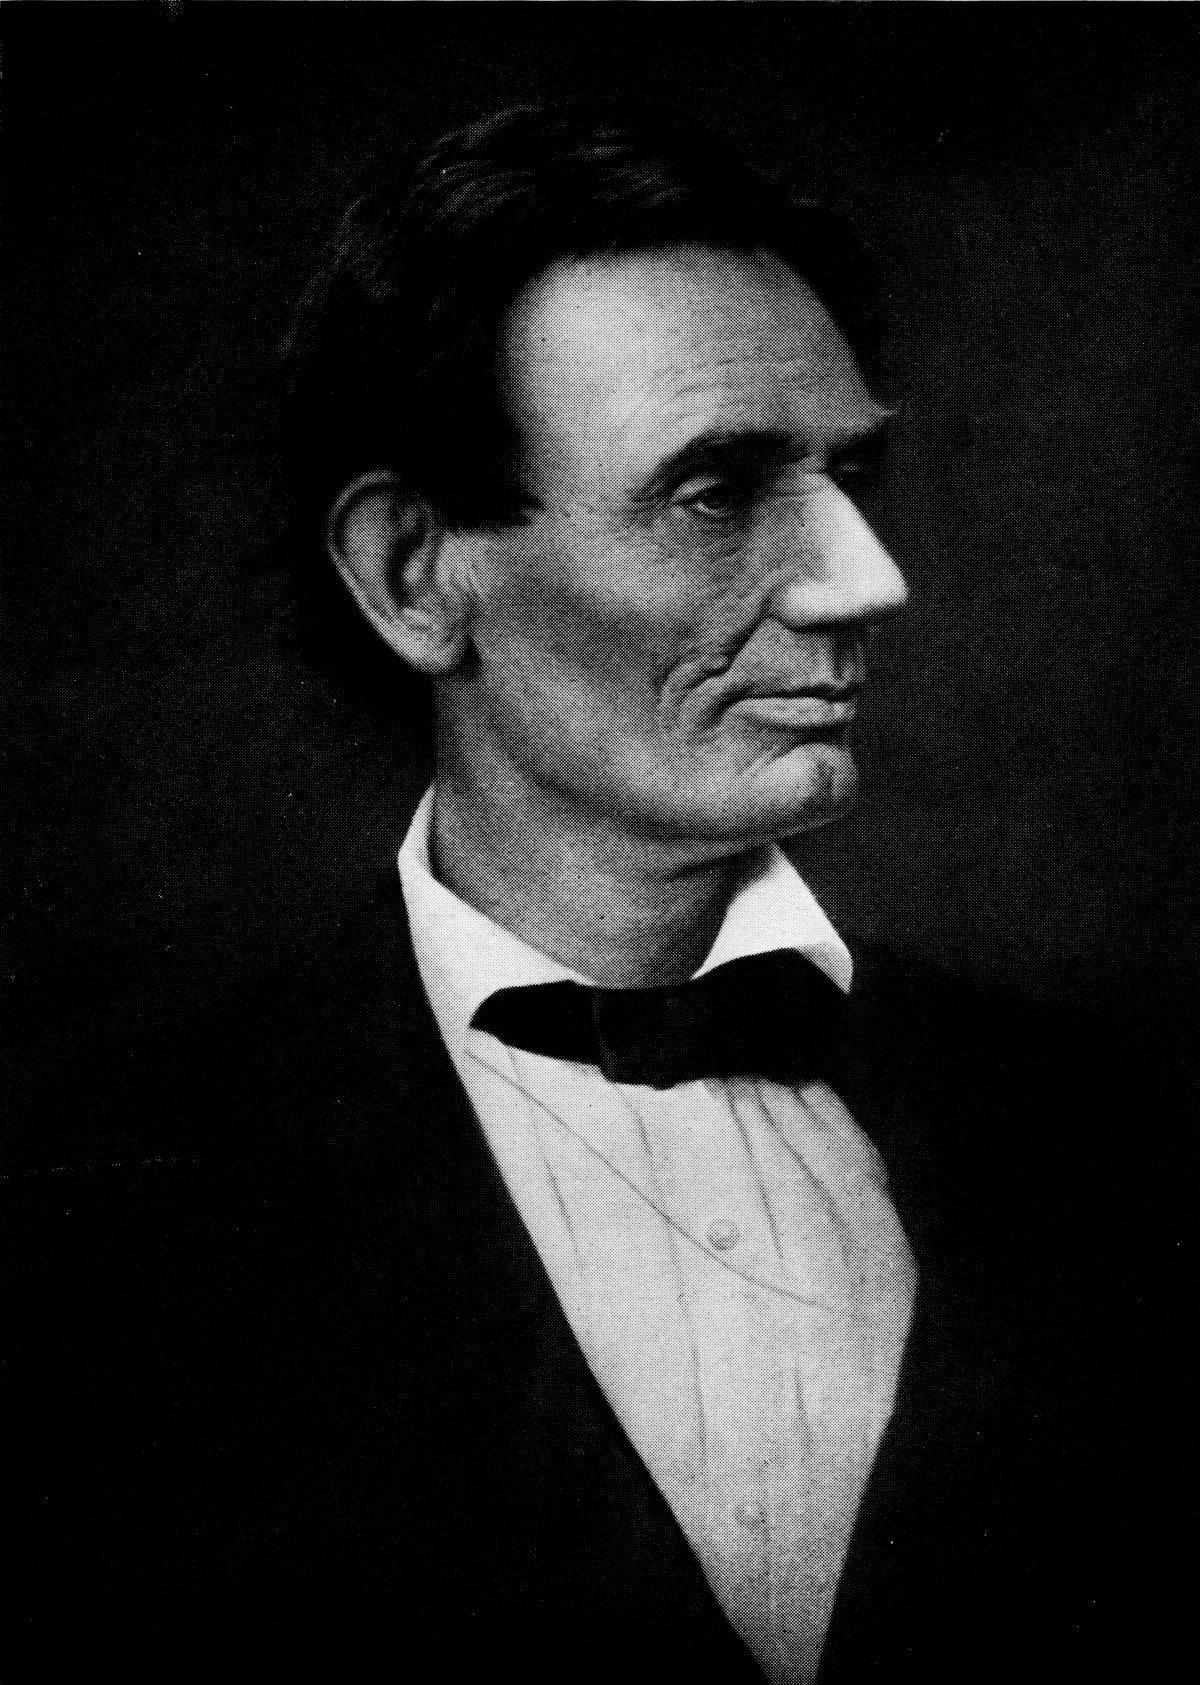 Кандидат в президенты Авраам Линкольн, 1860 год.